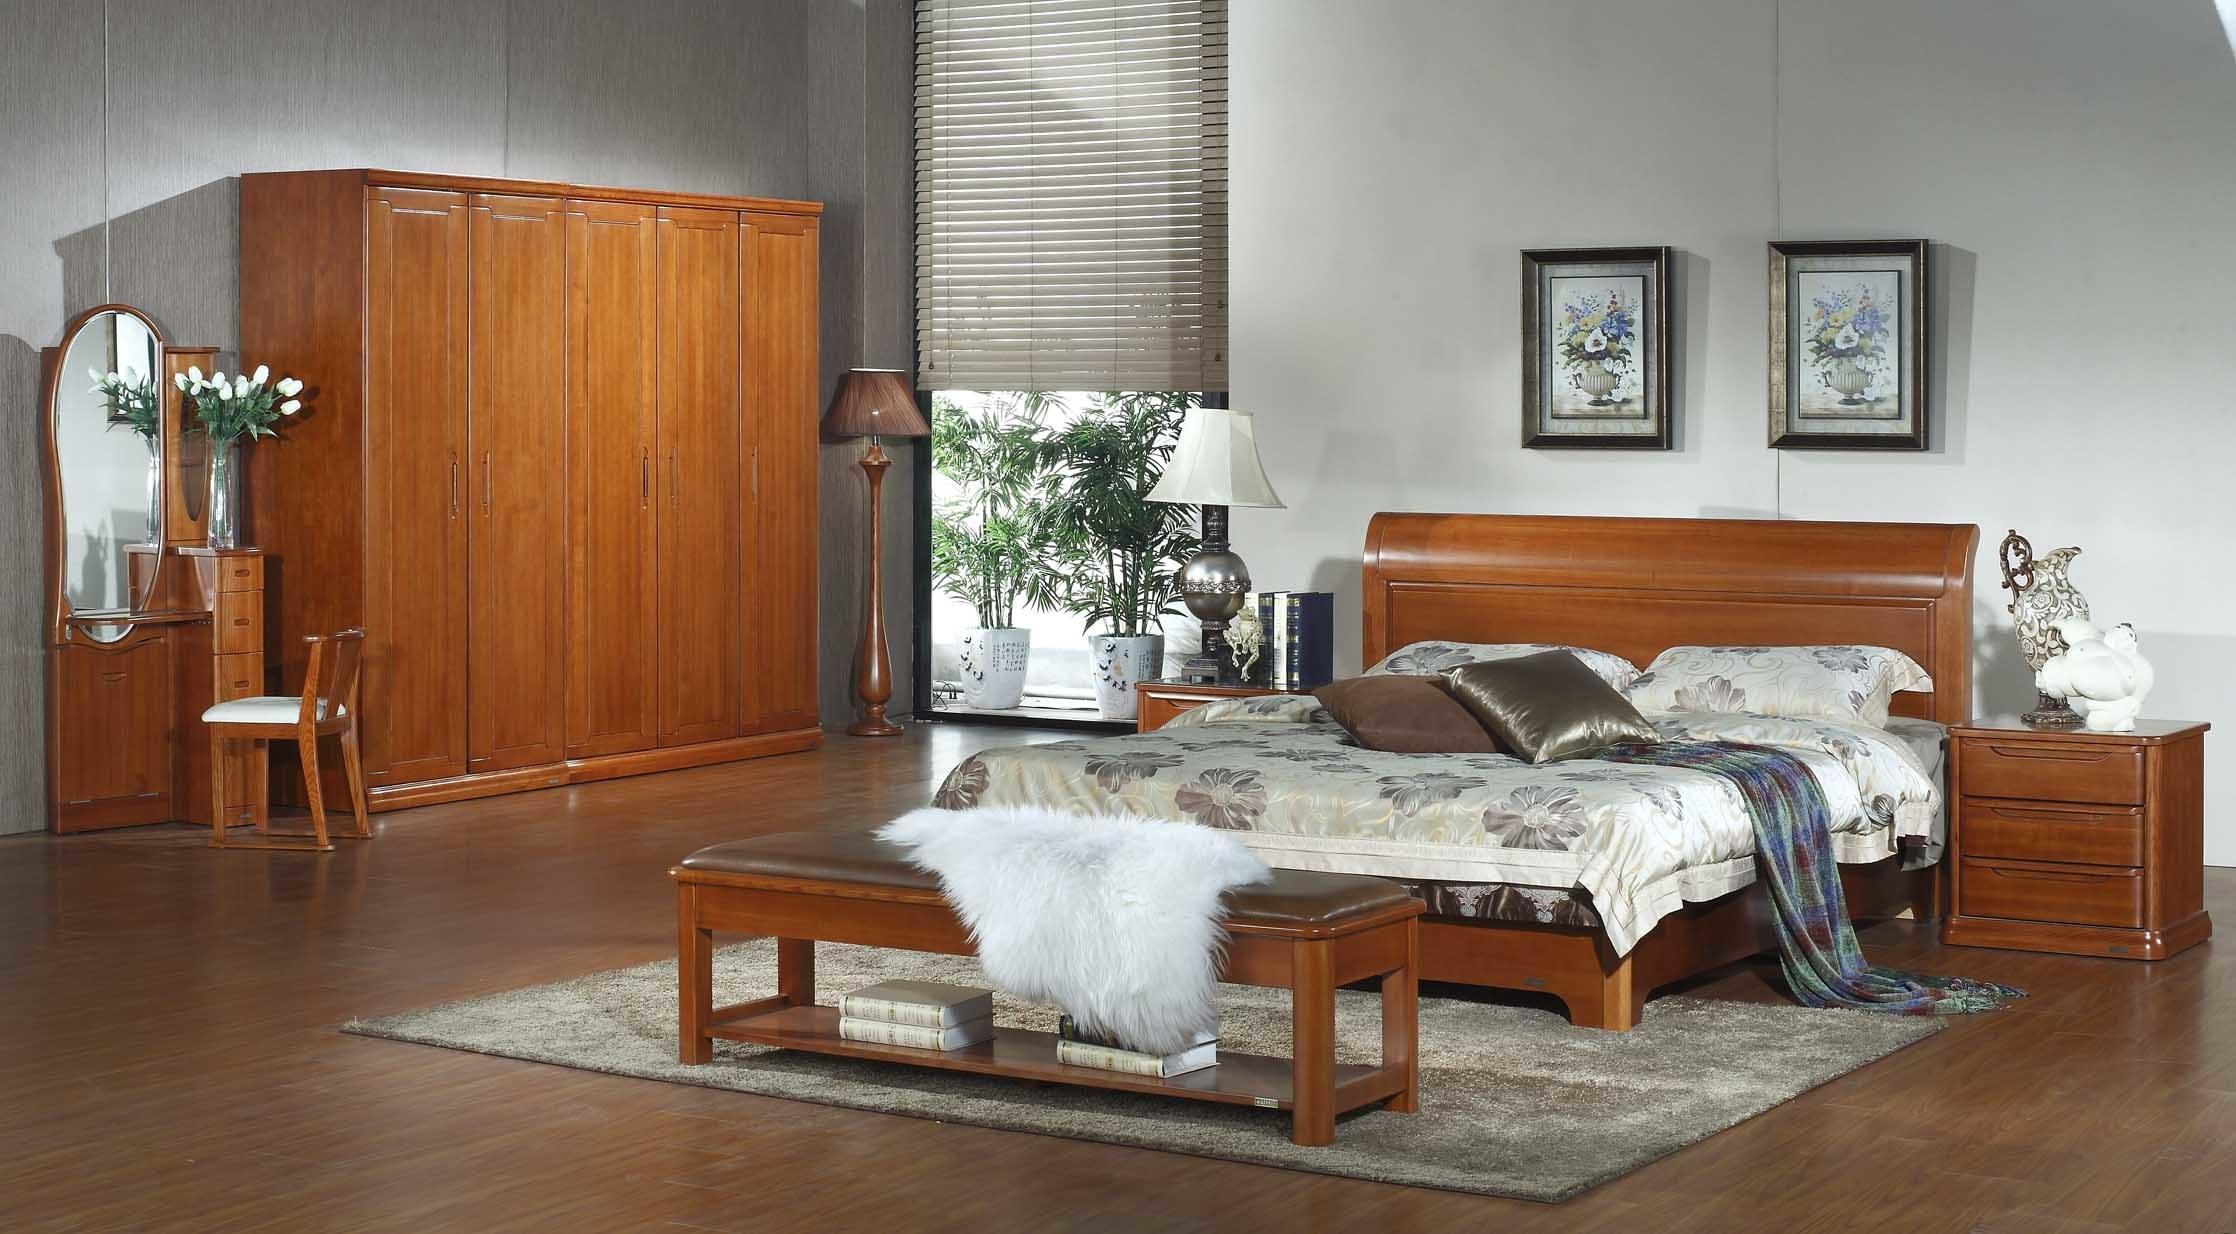 Chambre a coucher chine 030231 la for Ameublement de chambre a coucher